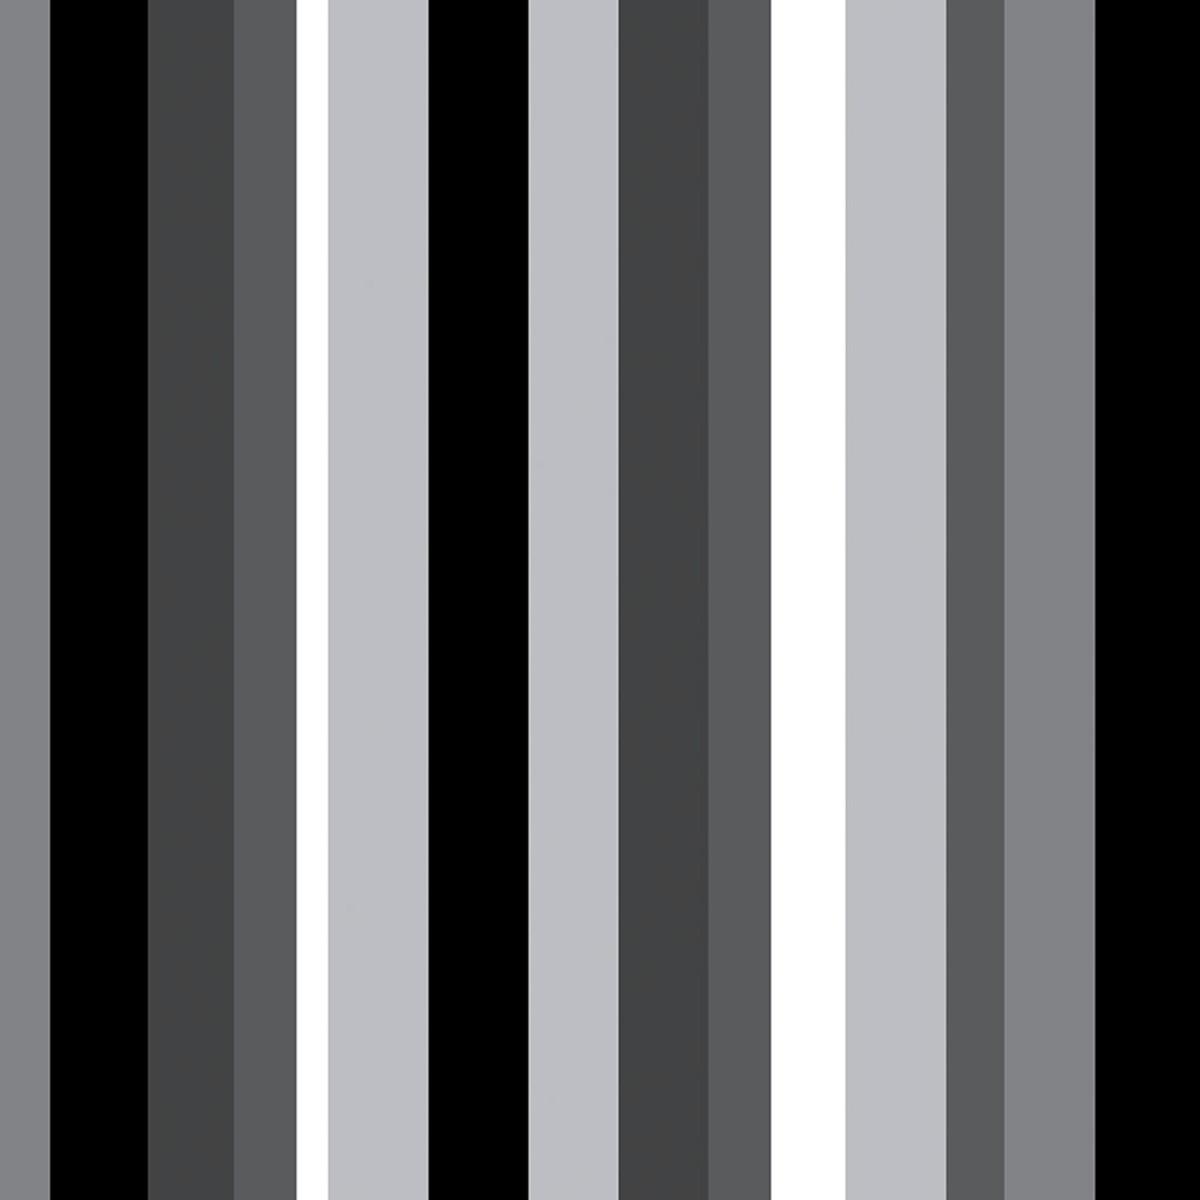 Papel De Parede Listras Preto E Branco Ald7ed43 Alcaldiadeapopa Com